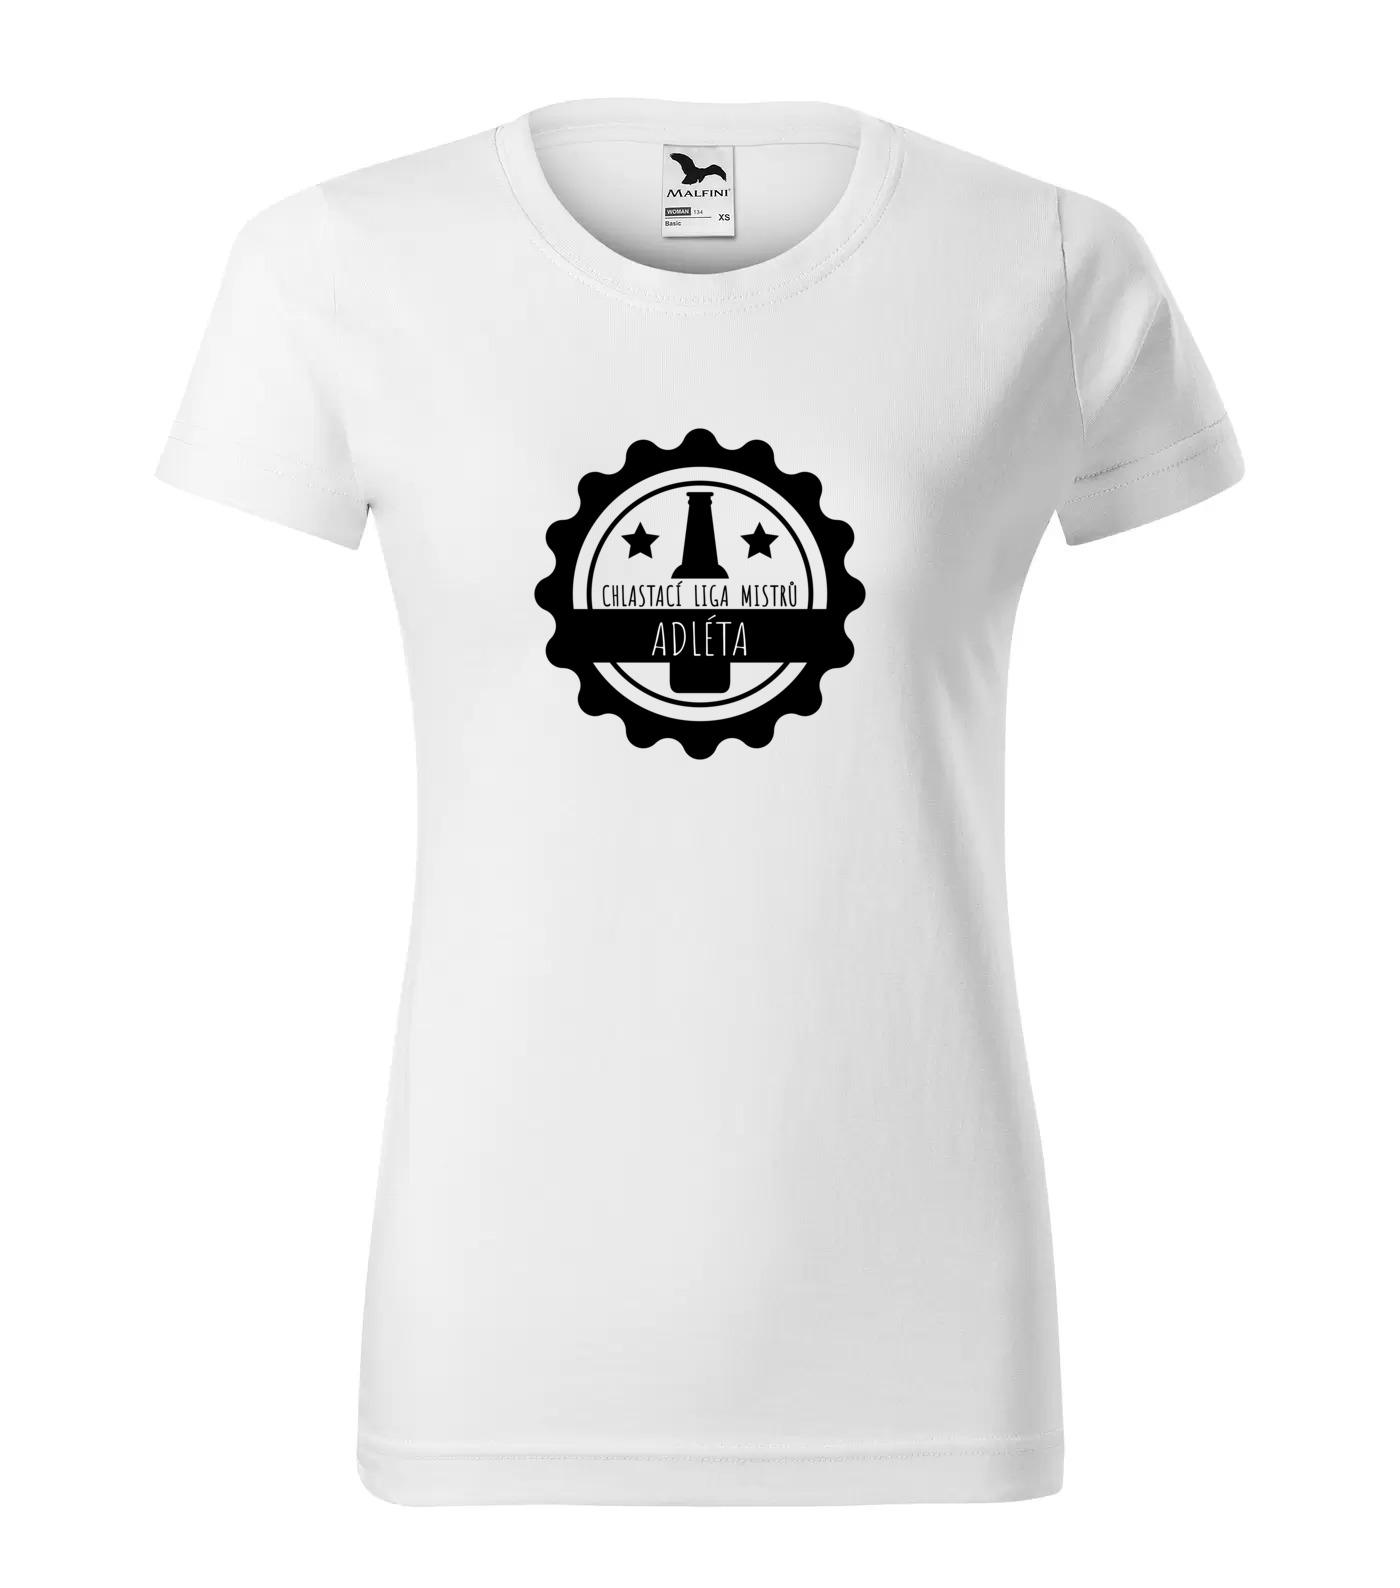 Tričko Chlastací liga žen Adléta